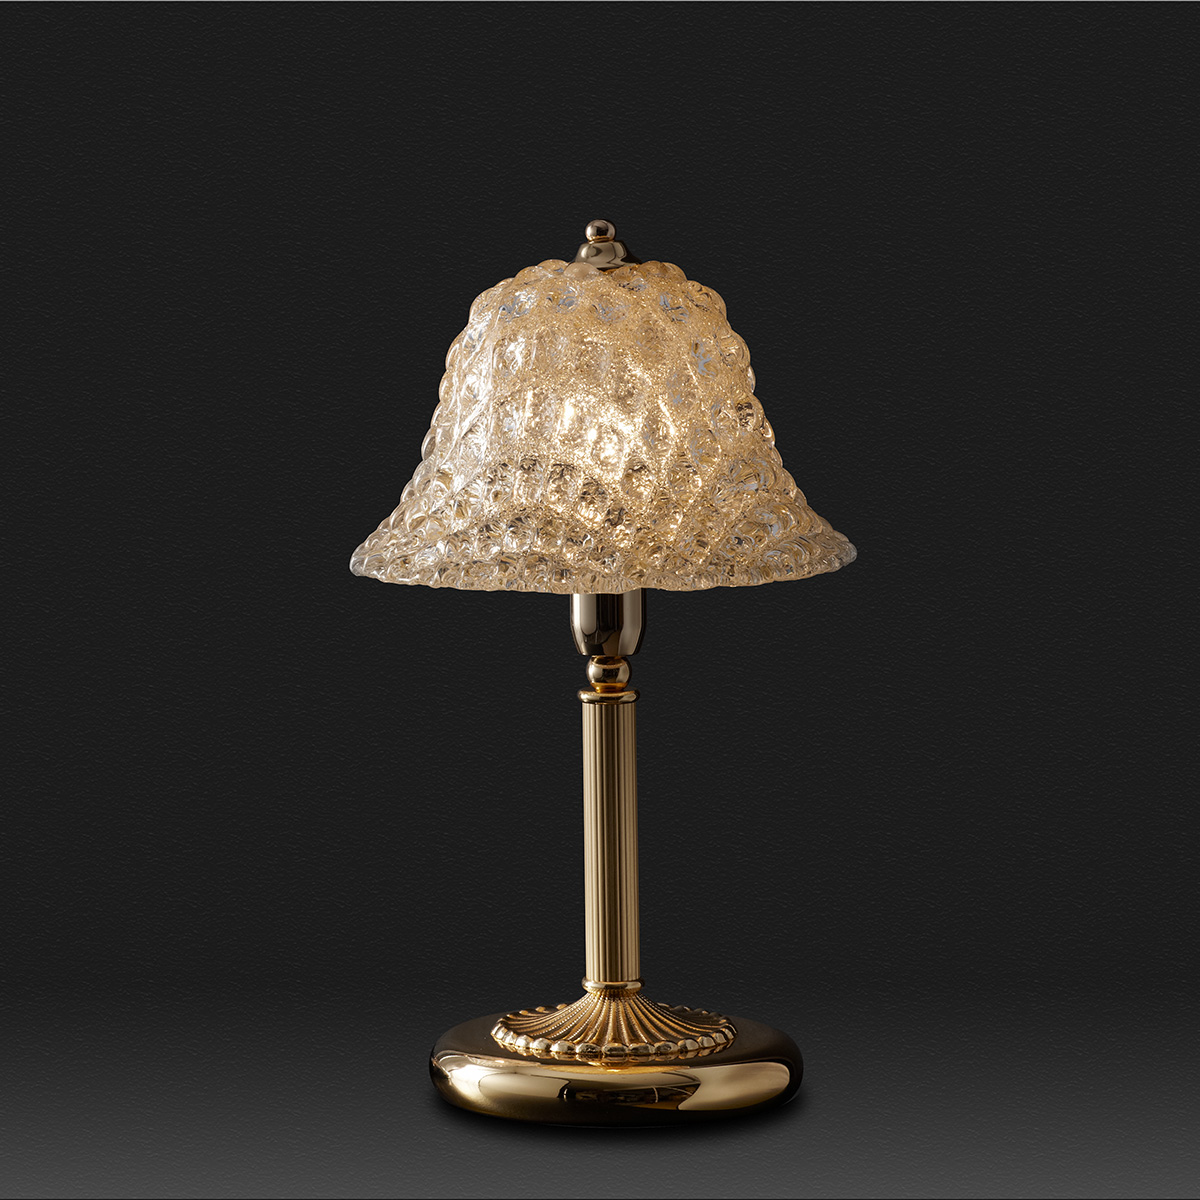 Κλασικό πορτατίφ με κρύσταλλο Μουράνο QUADRI classic Murano crystal table lamp